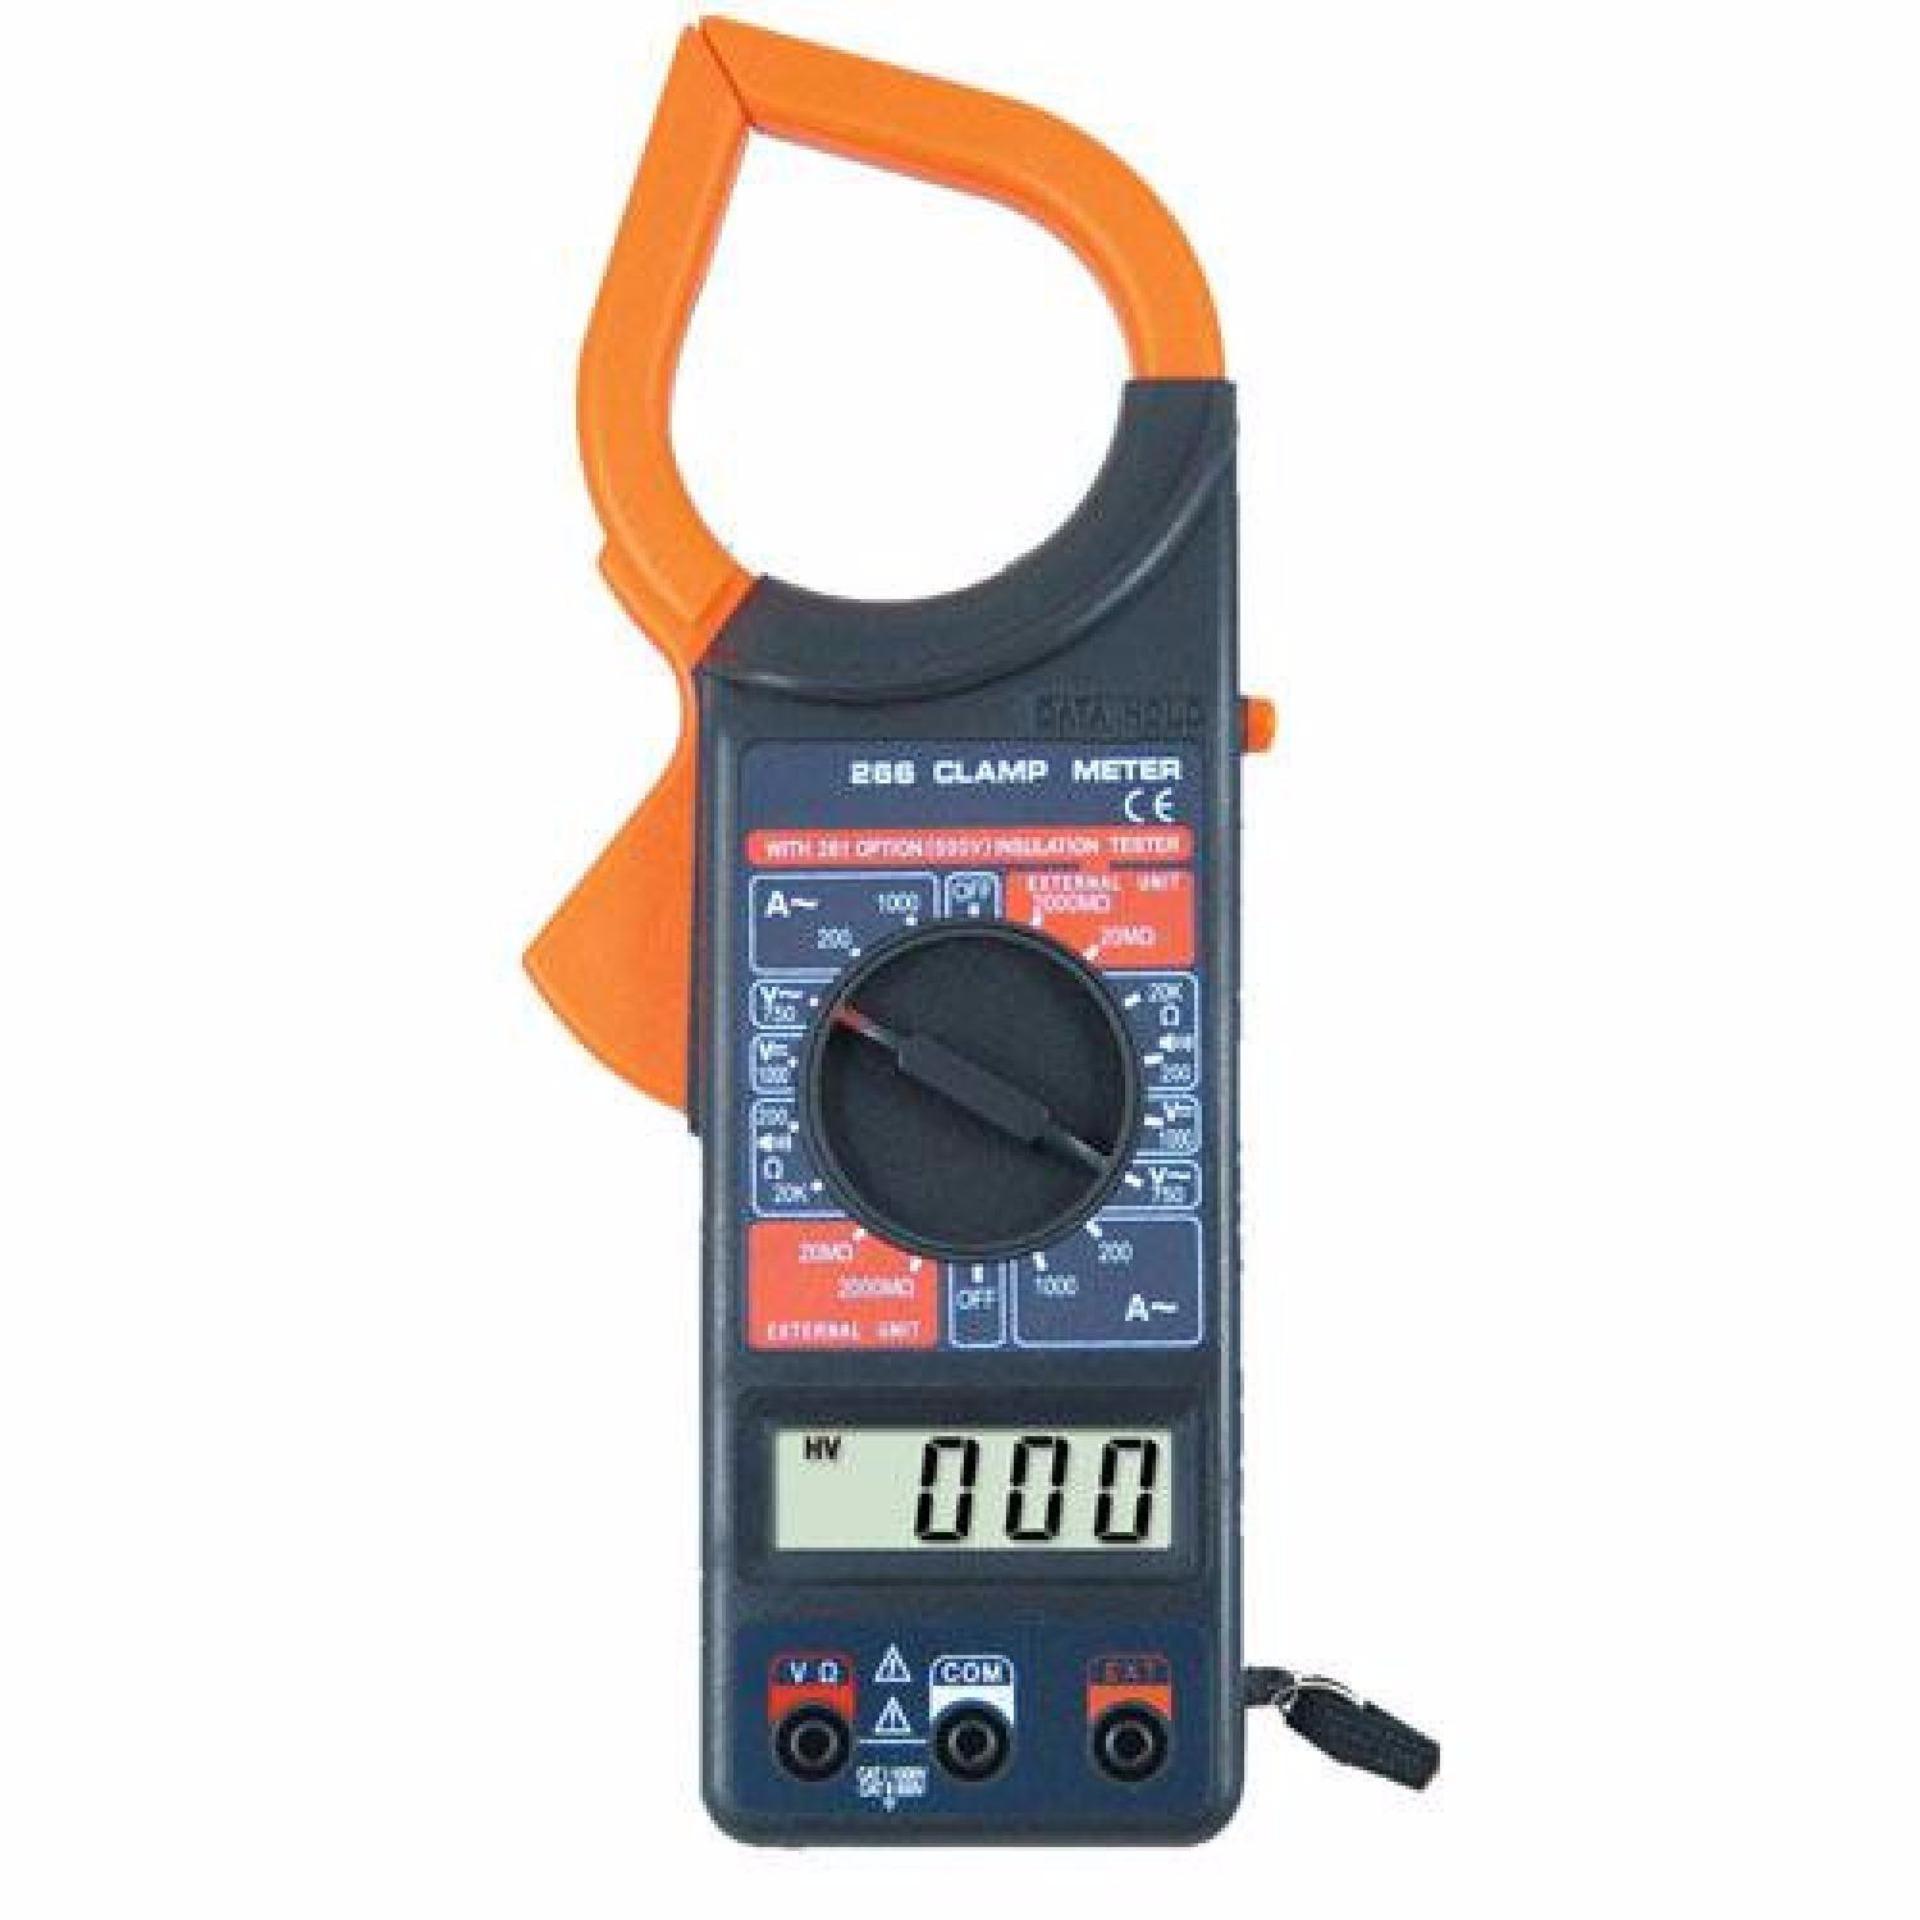 Termurah !! Viper Digital Clamp Multimeter / Tang Ampere - M266 - Black Hitam - Alat Ukur Tegangan Ac Dc Simple Simpel Mudah